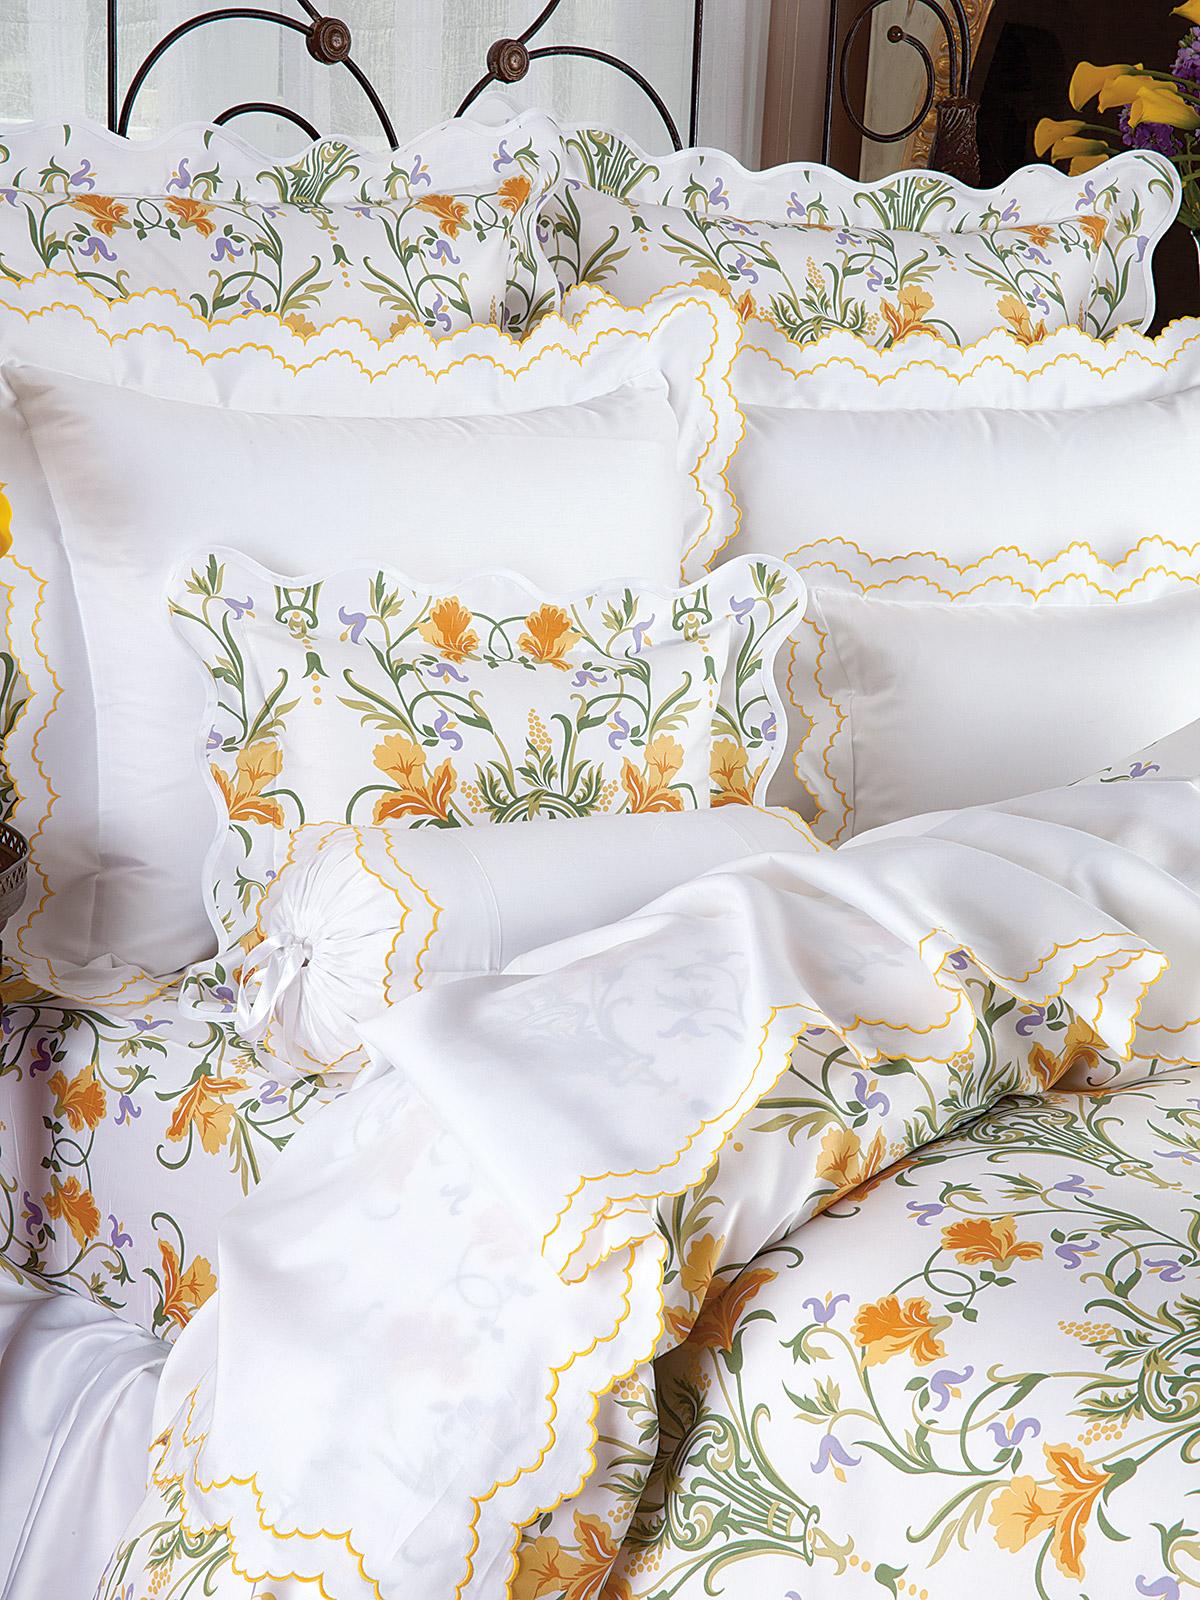 Bedford Luxury Bedding Italian Bed Linens Schweitzer